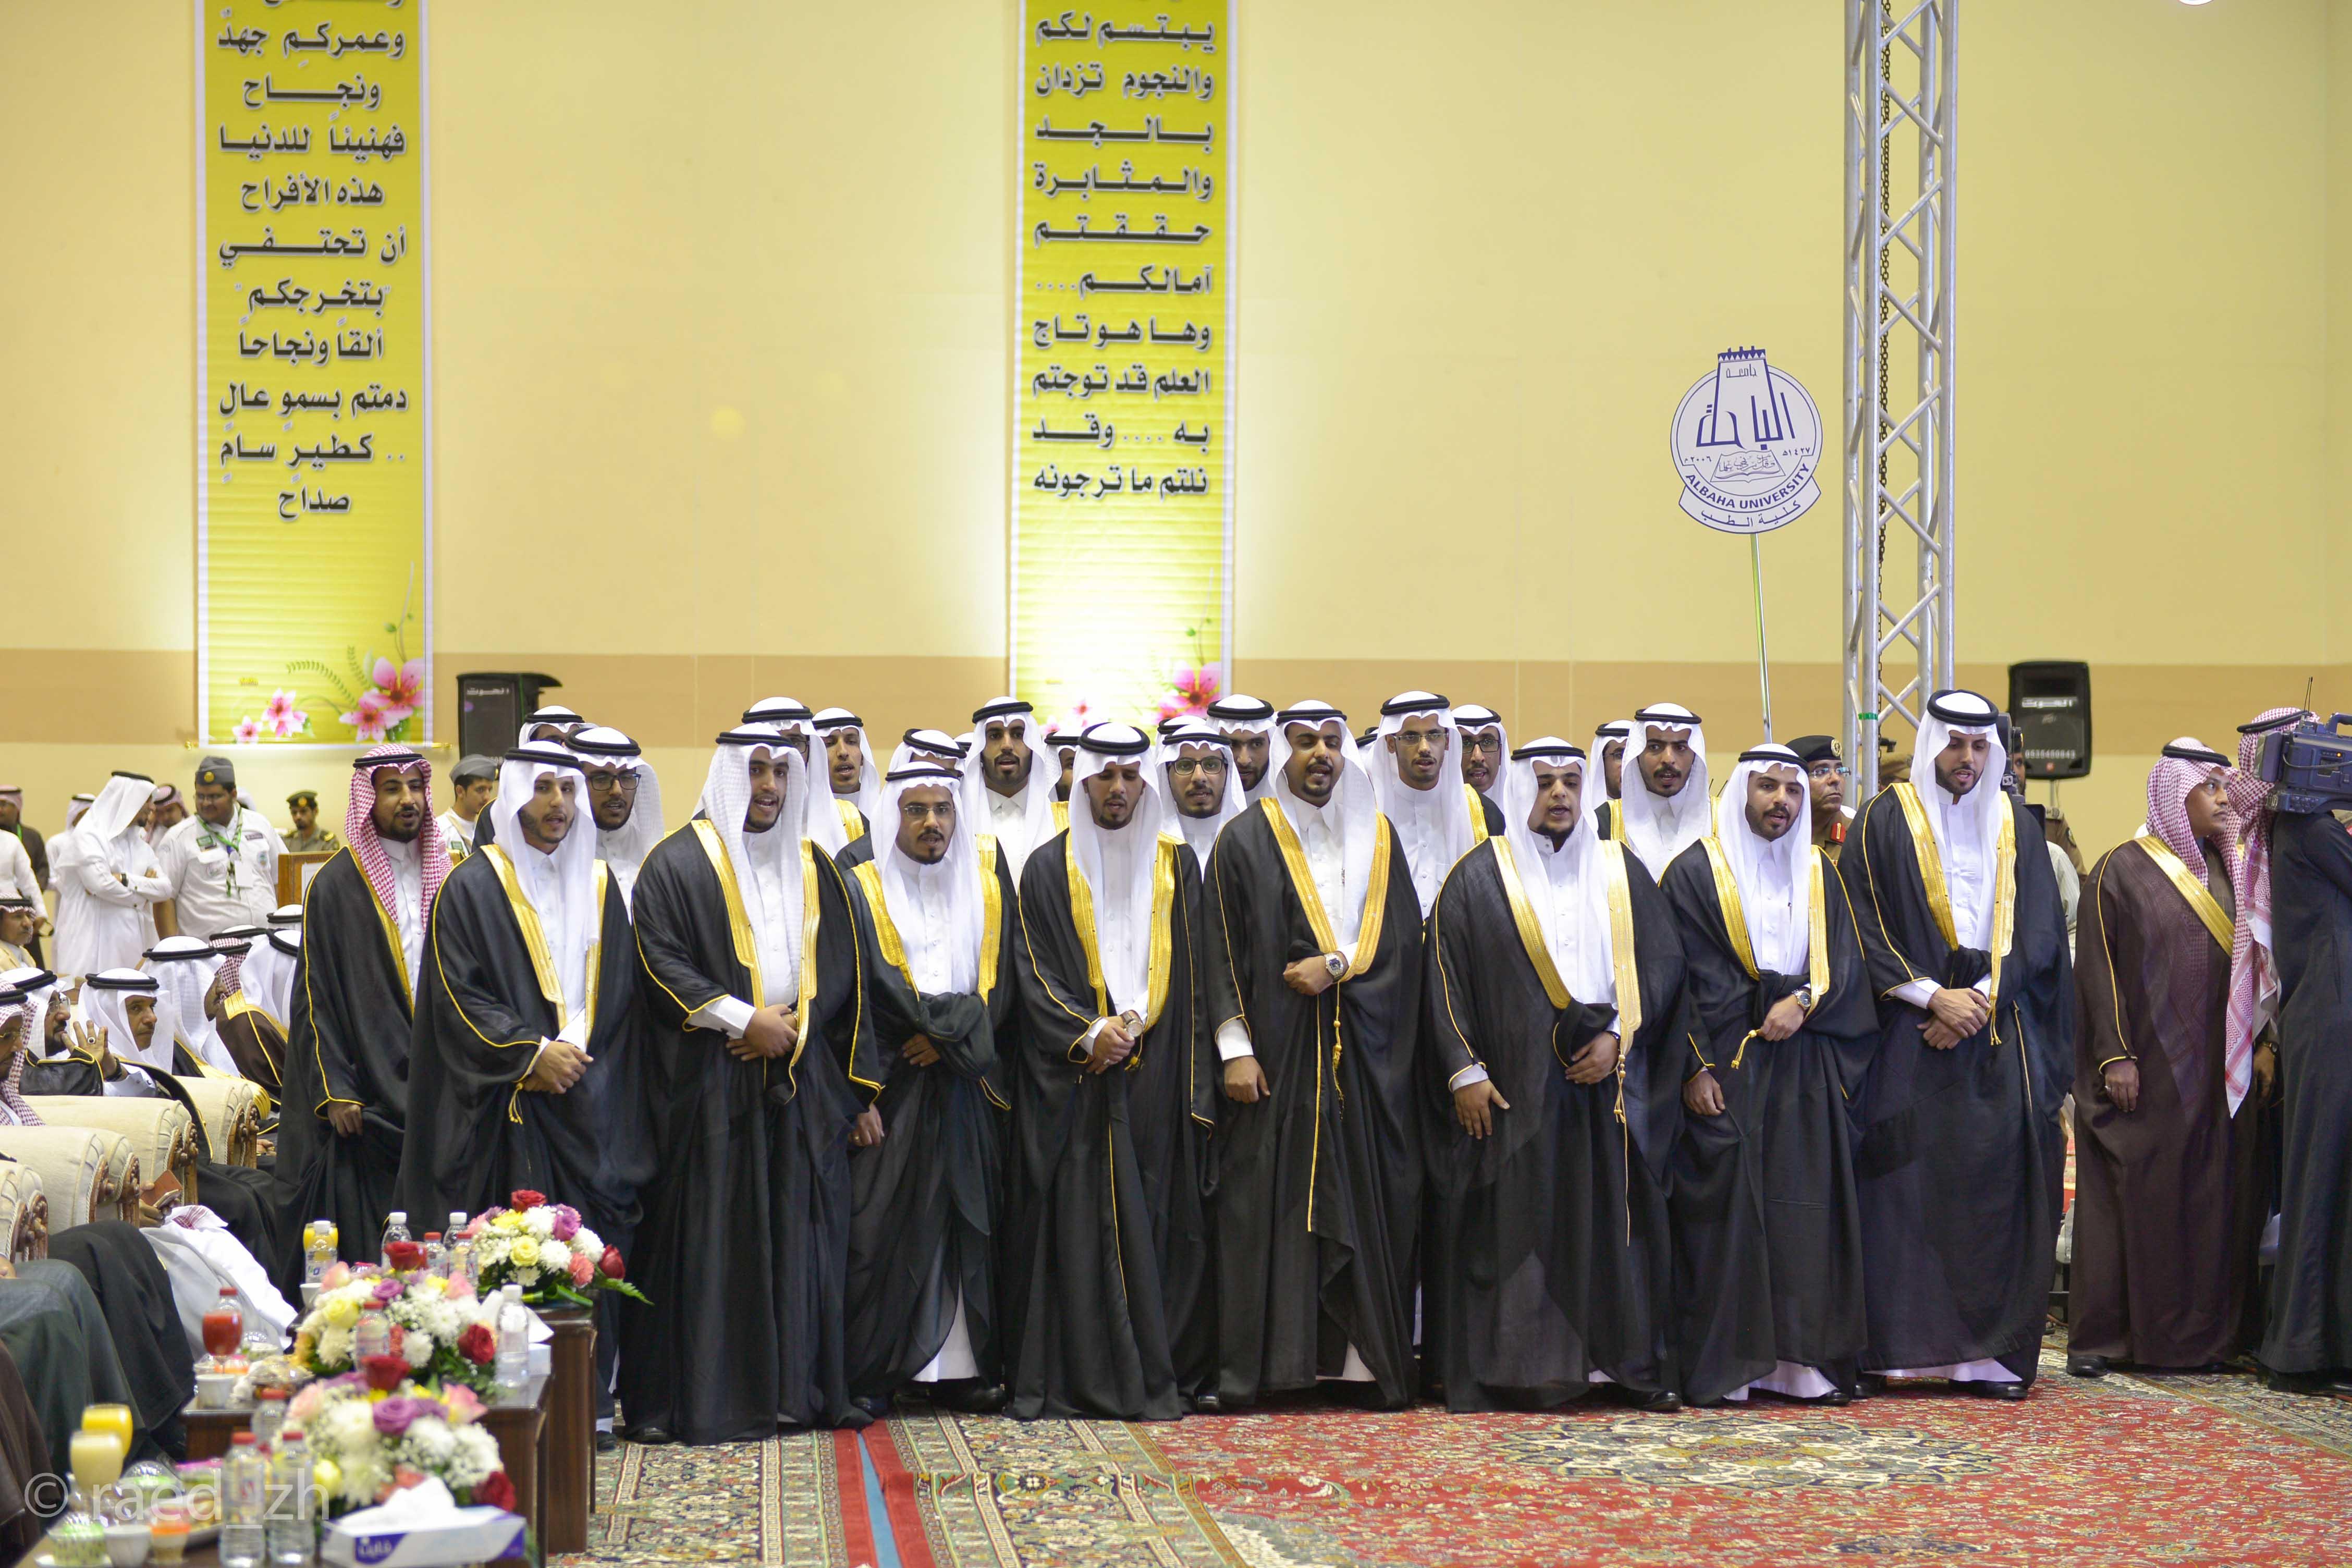 امير الباحة يرعى تخريج الدفعة العاشرة من طلاب وطالبات جامعة الباحة (21)